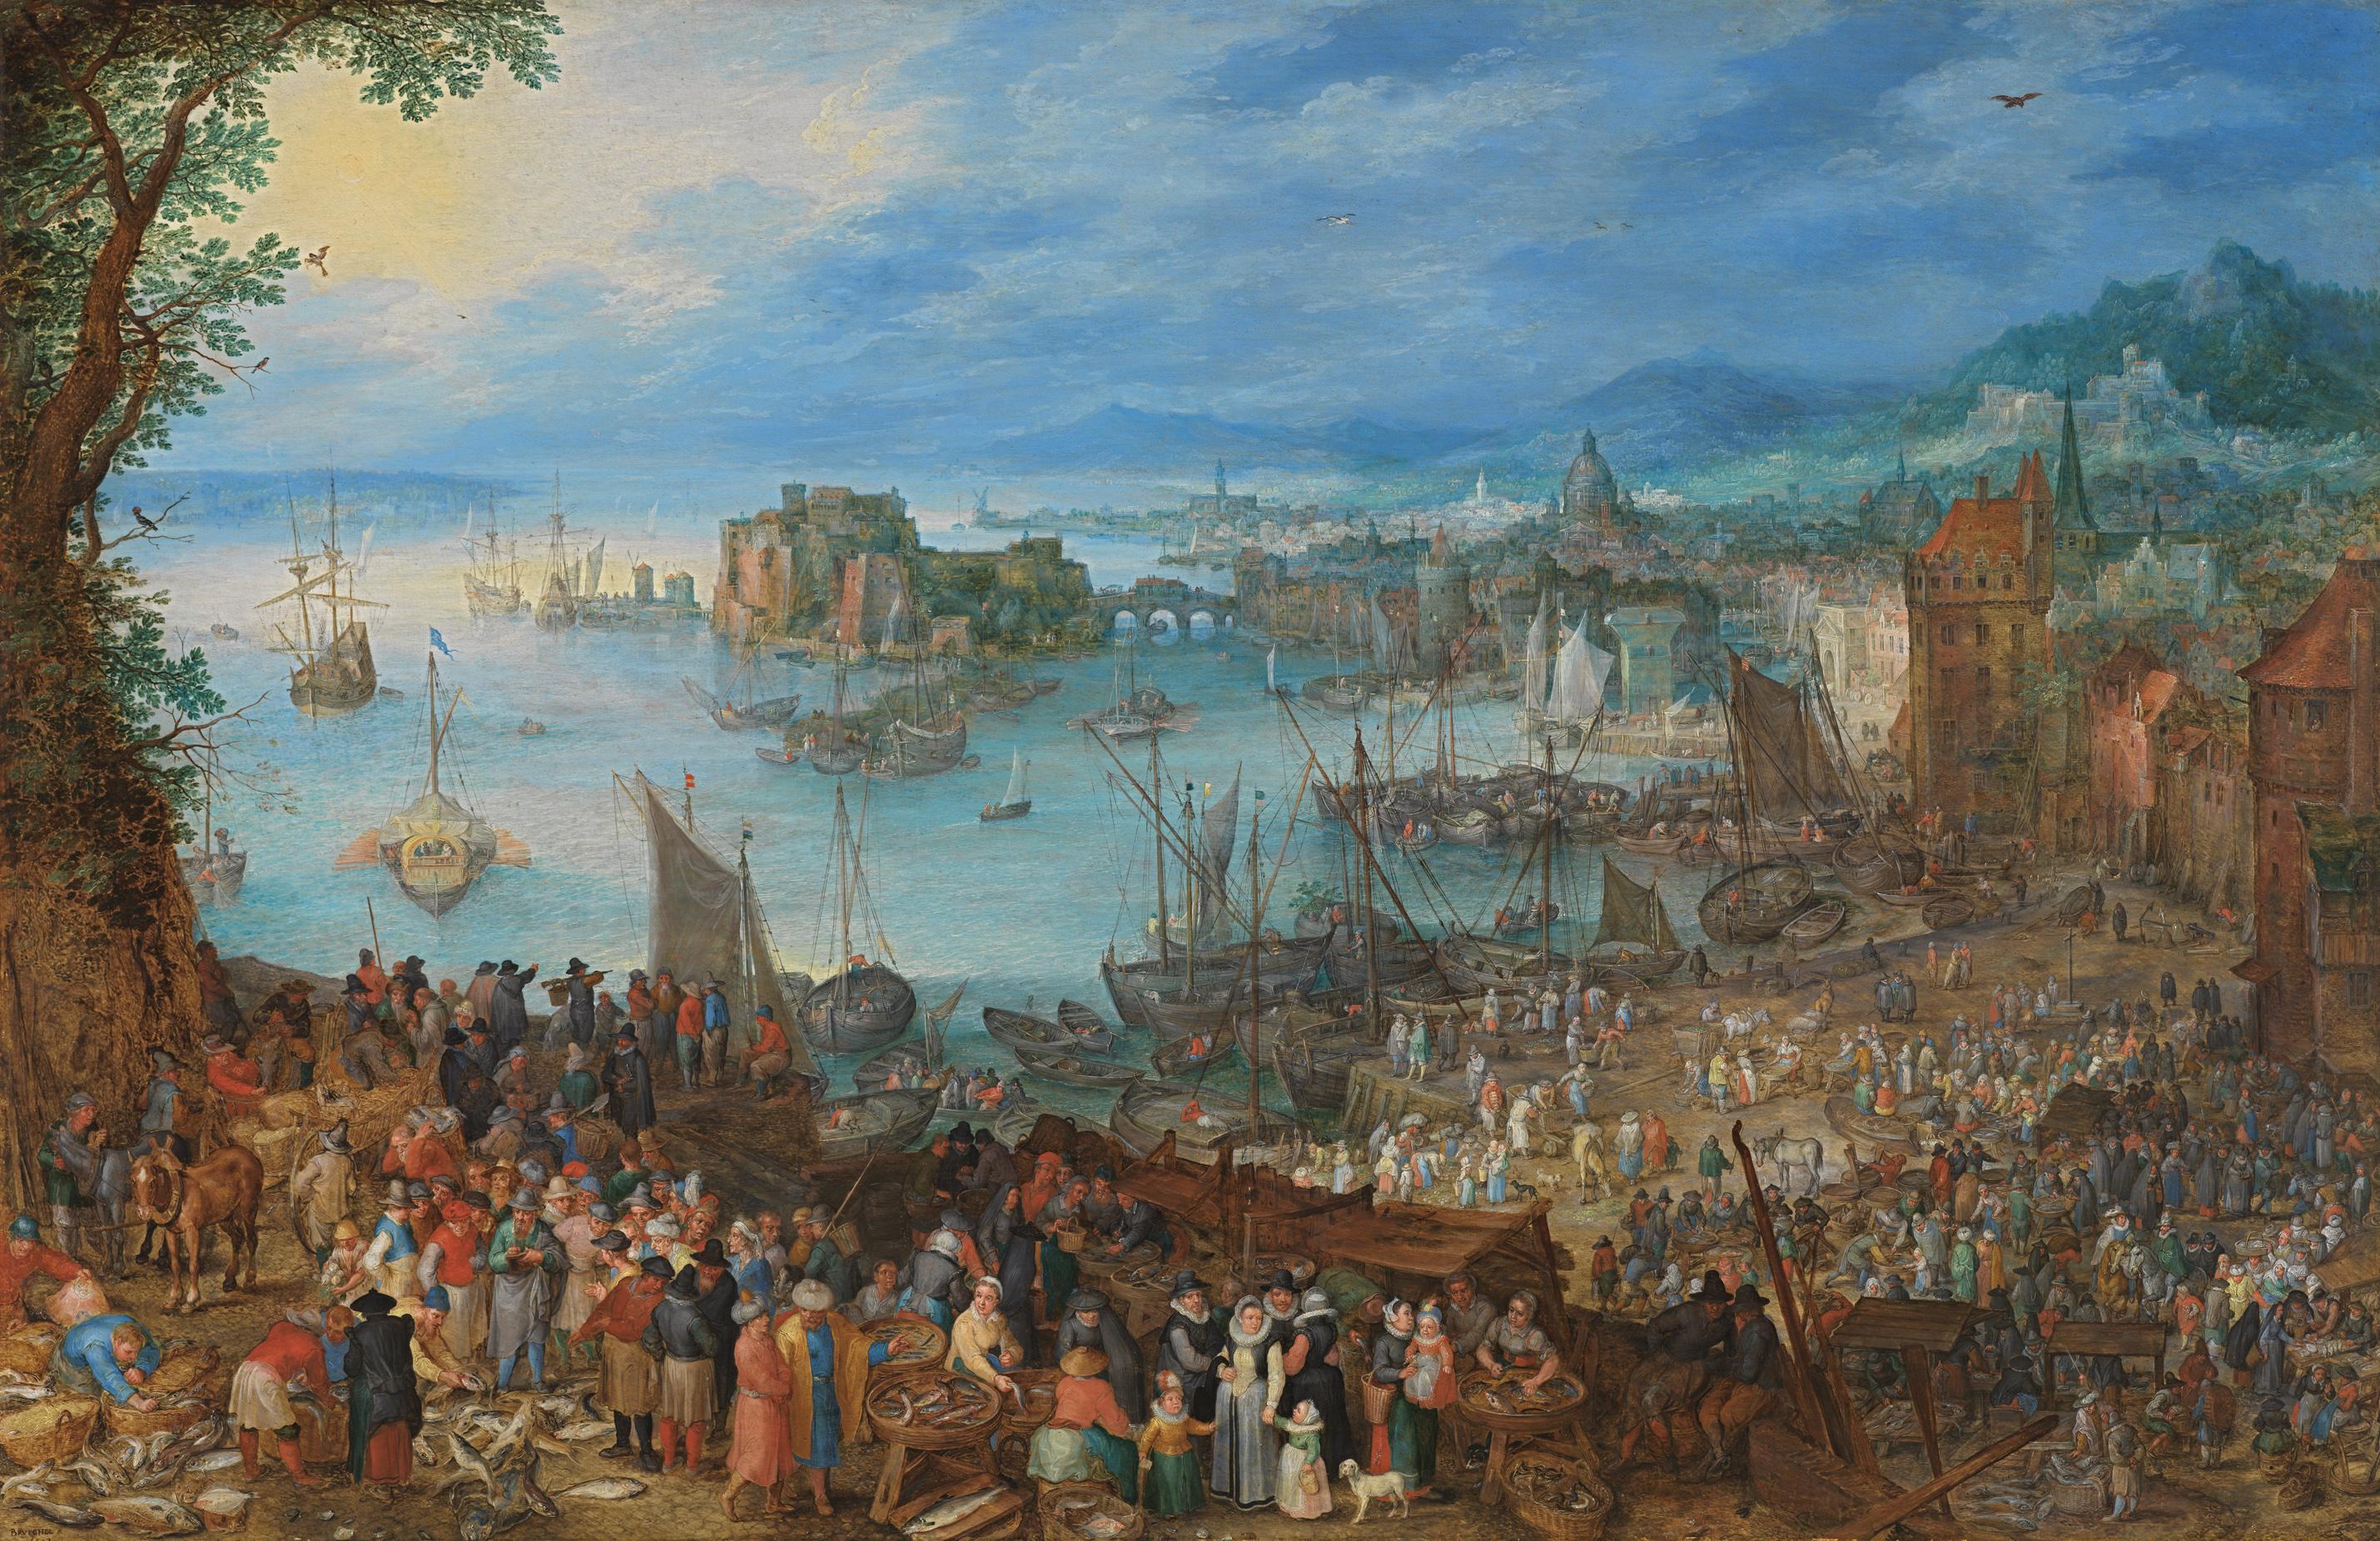 Great fish market, by Jan Brueghel the Elder